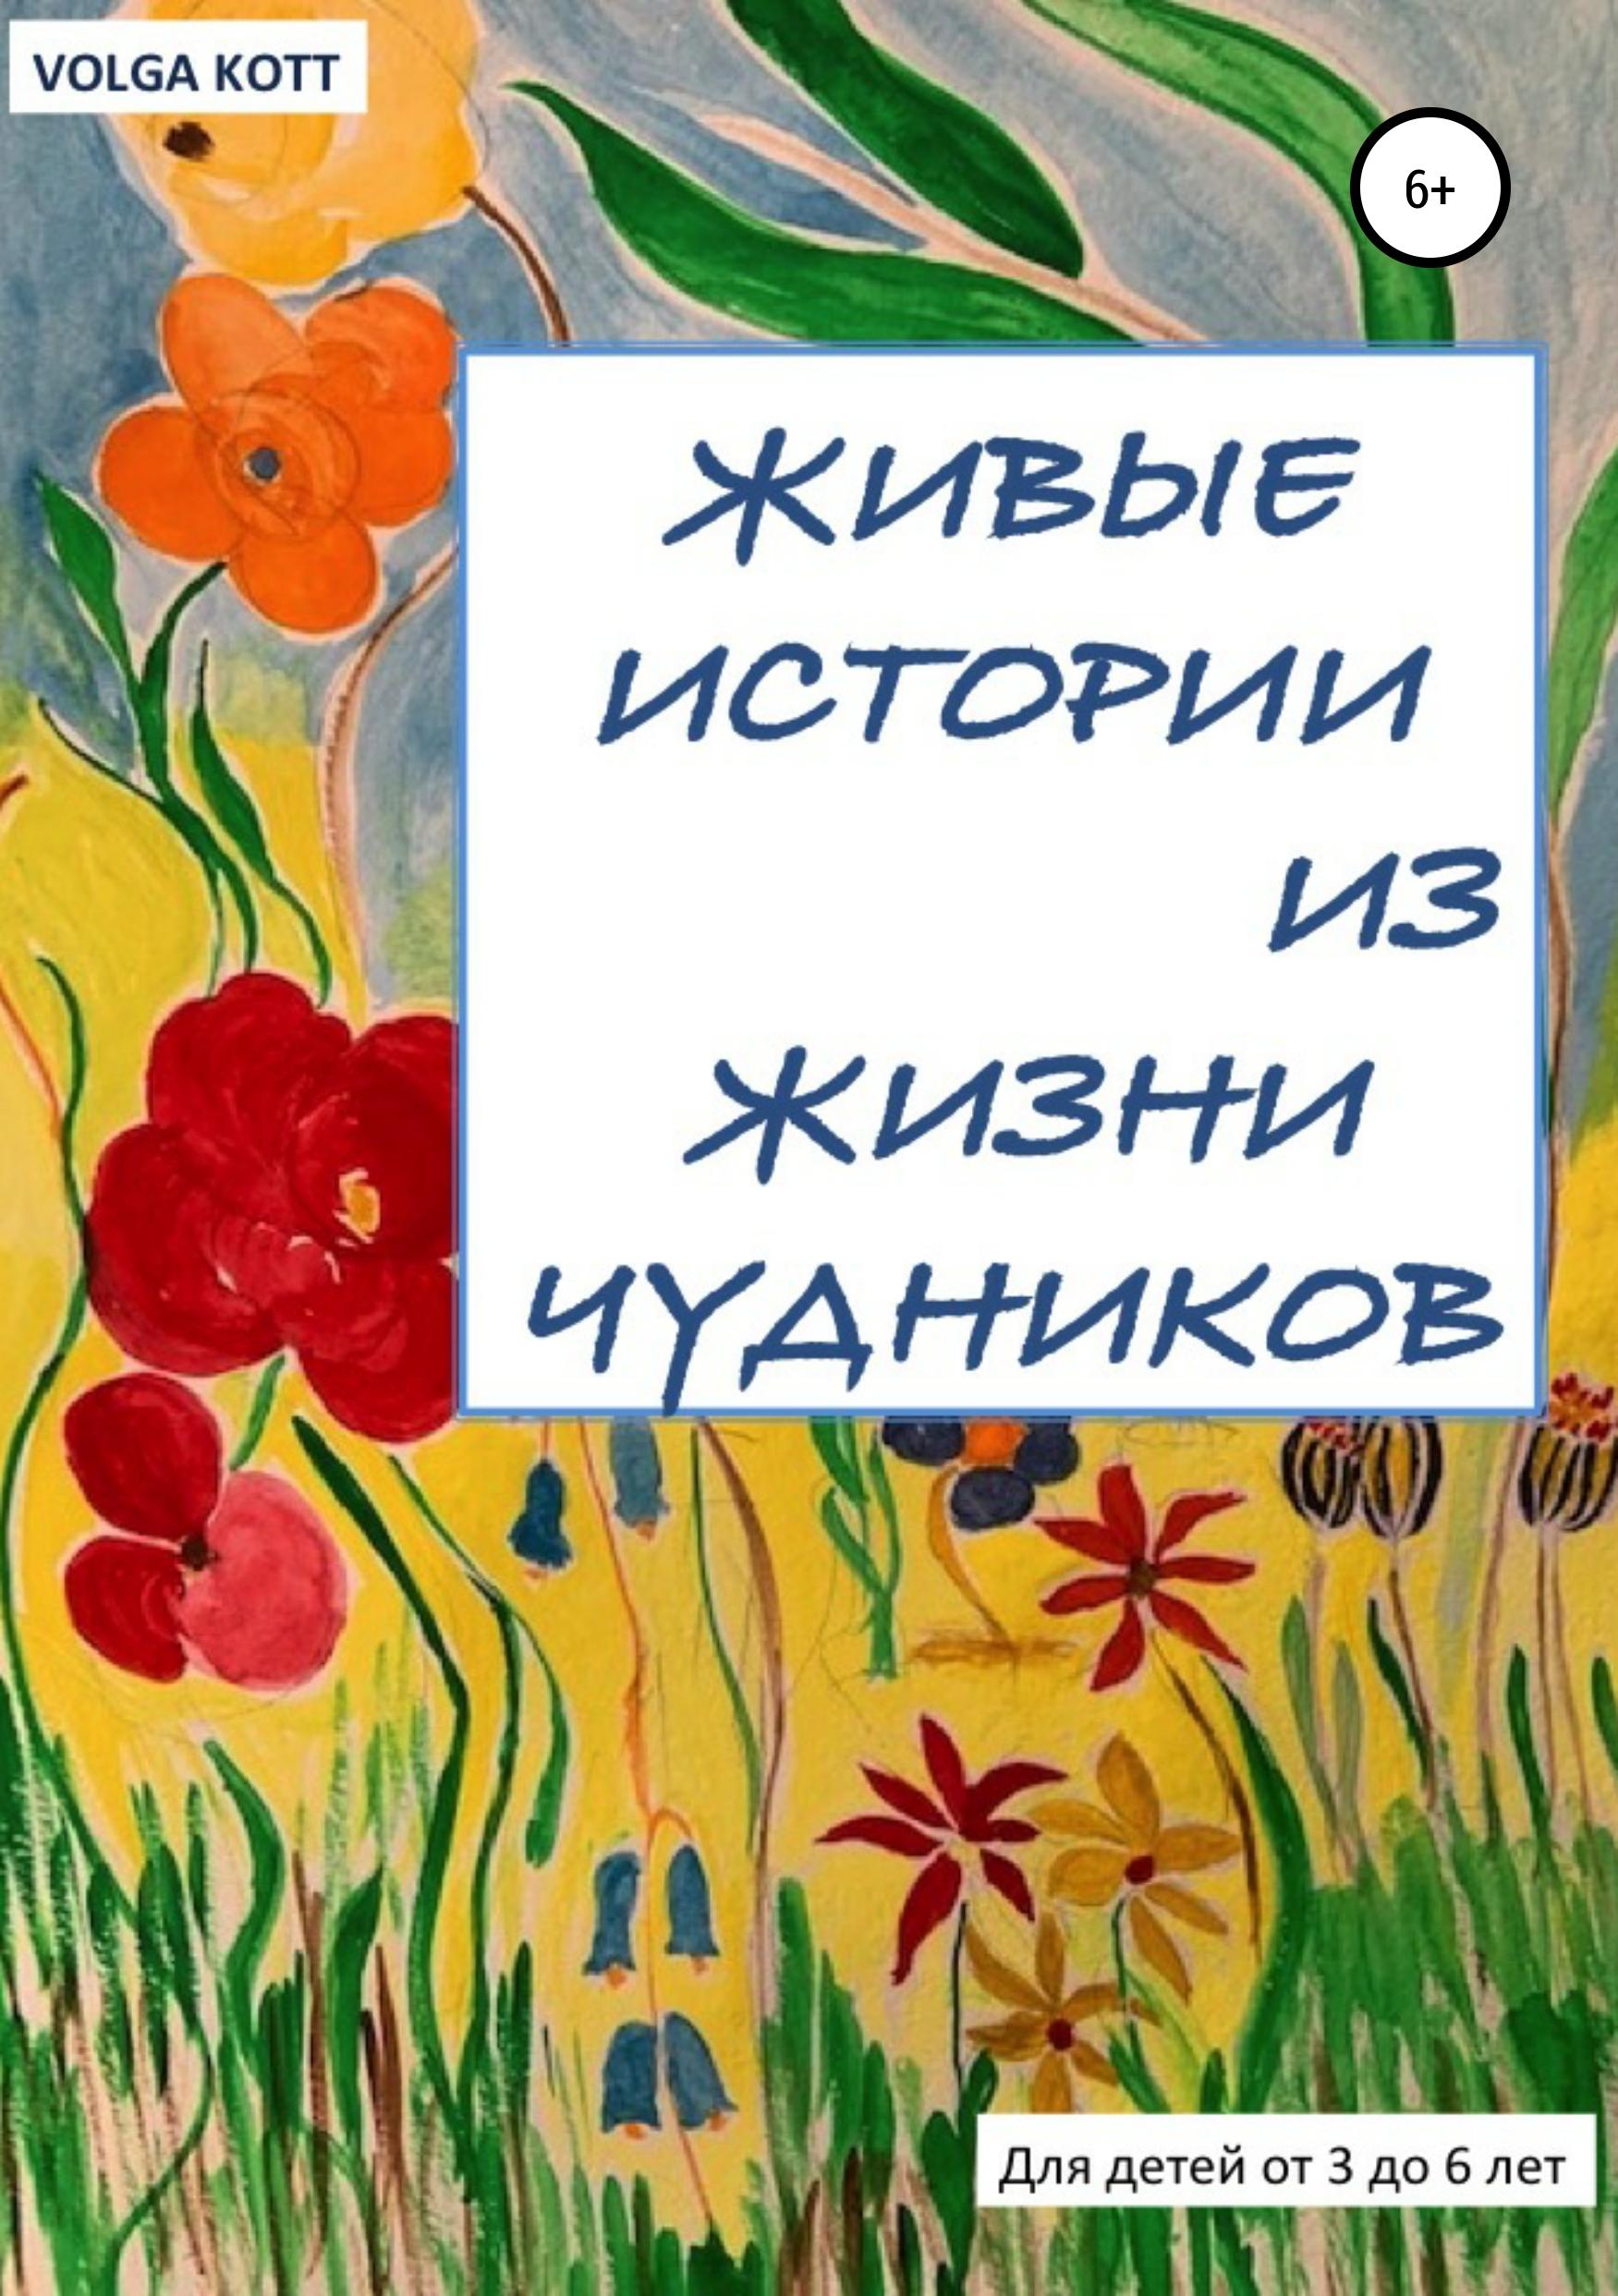 Volga Kott Живые истории из жизни чудников вытяни иона и большая рыба история о человеке который хотел убежать от бога